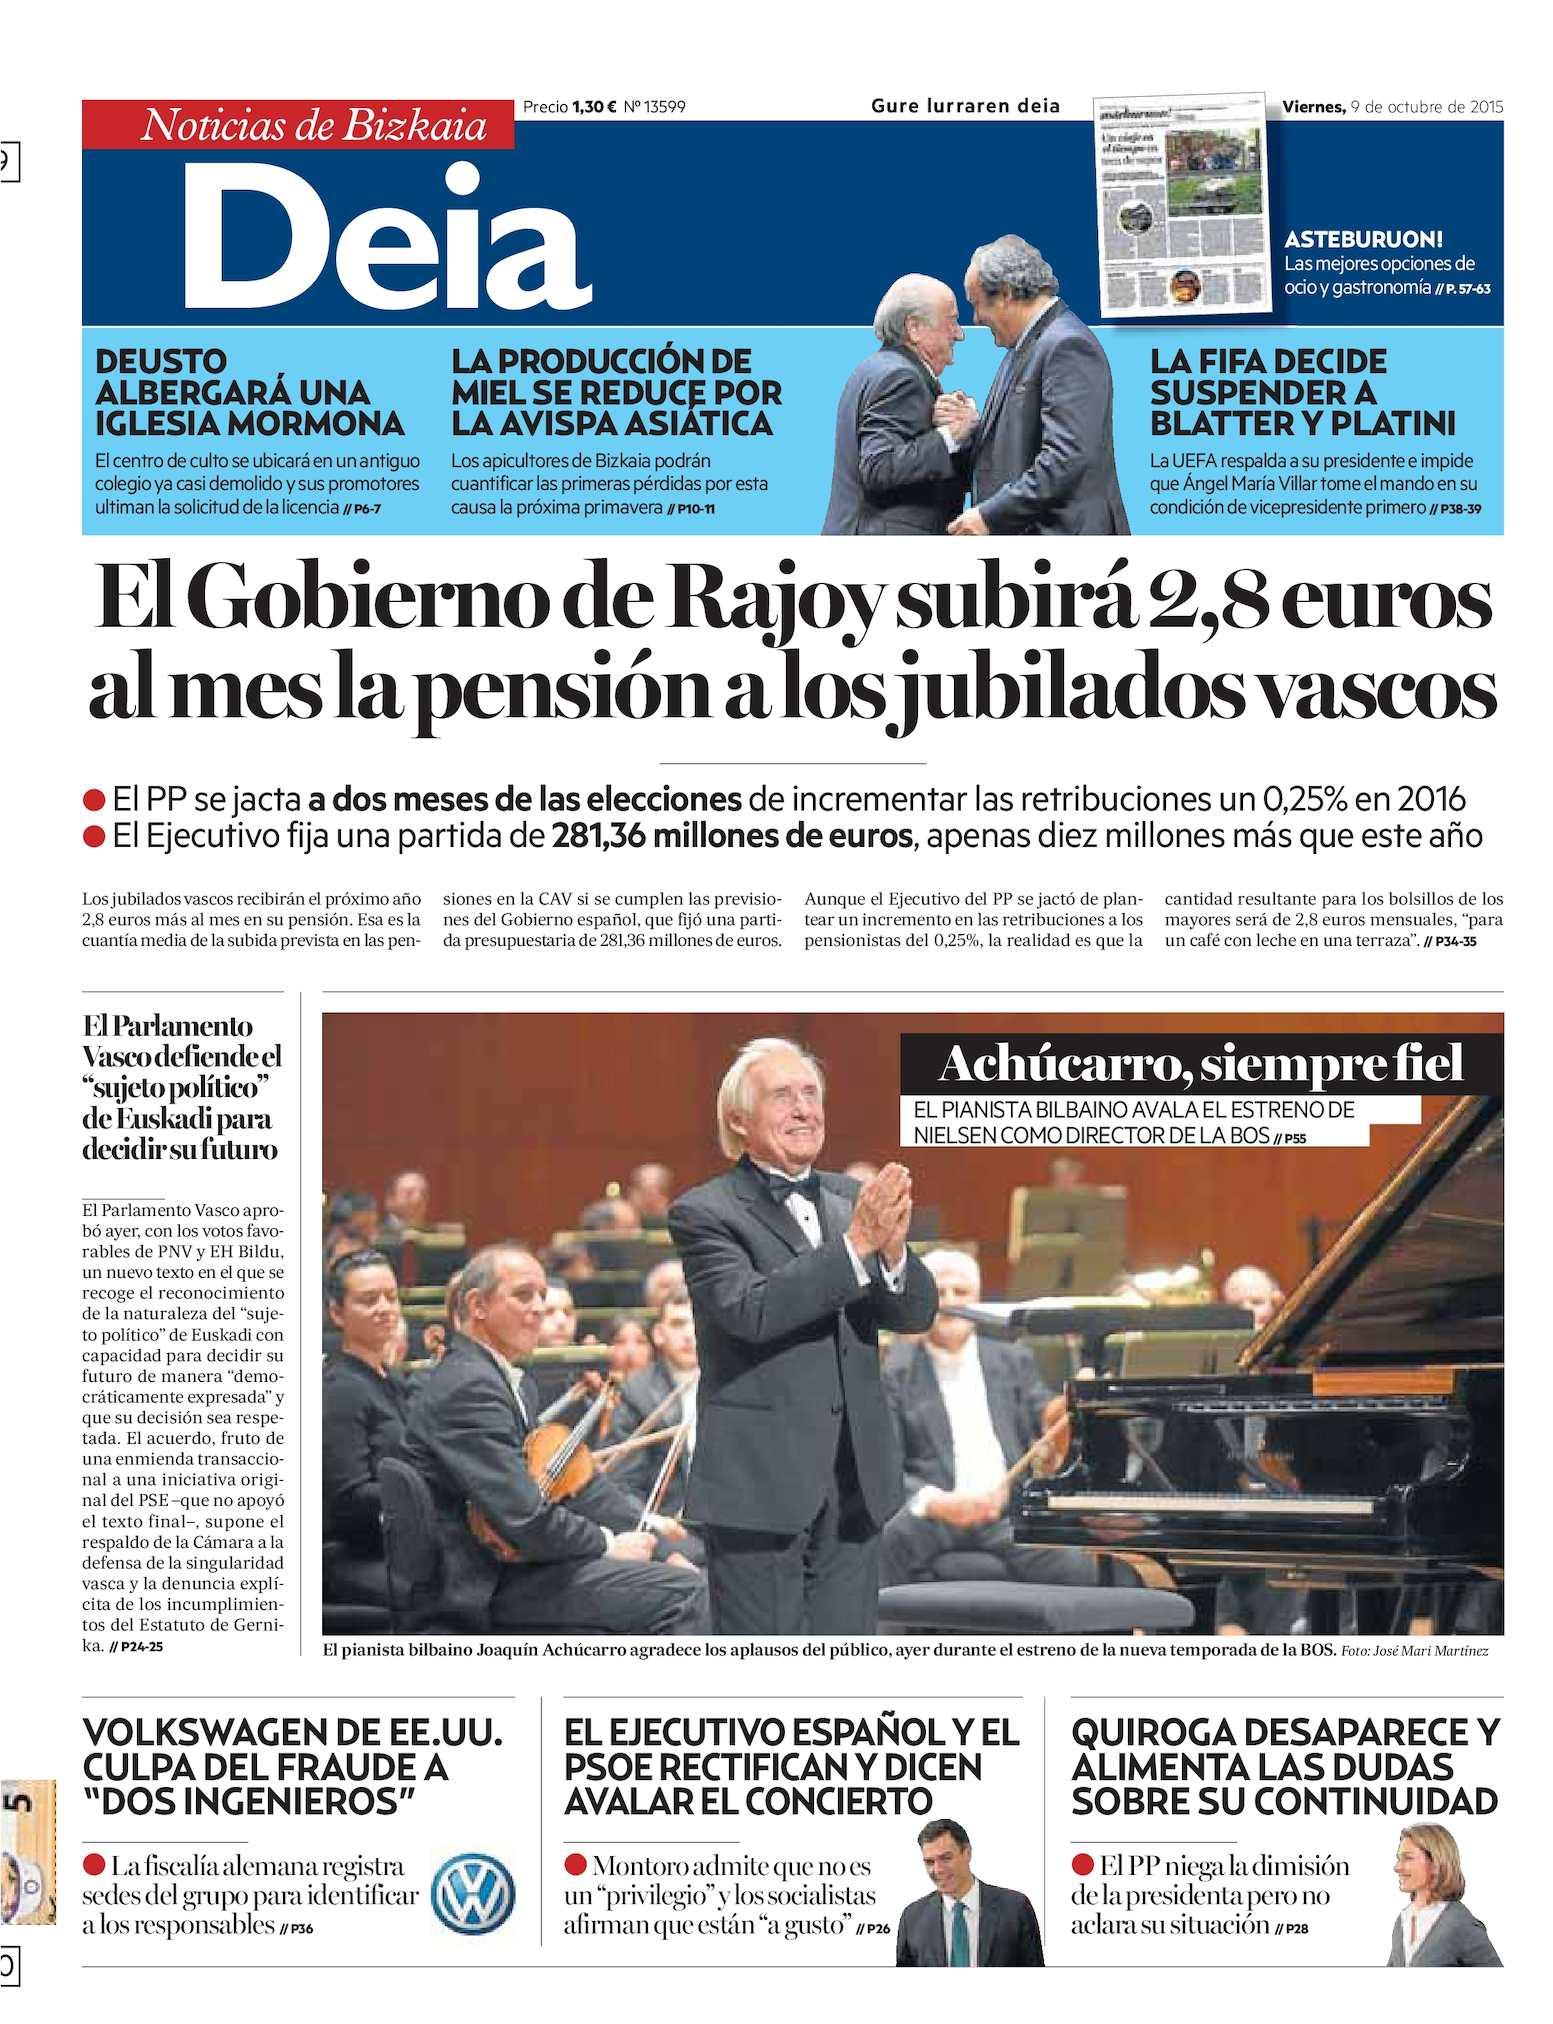 Calaméo - Deia 20151009 4eaccb07433